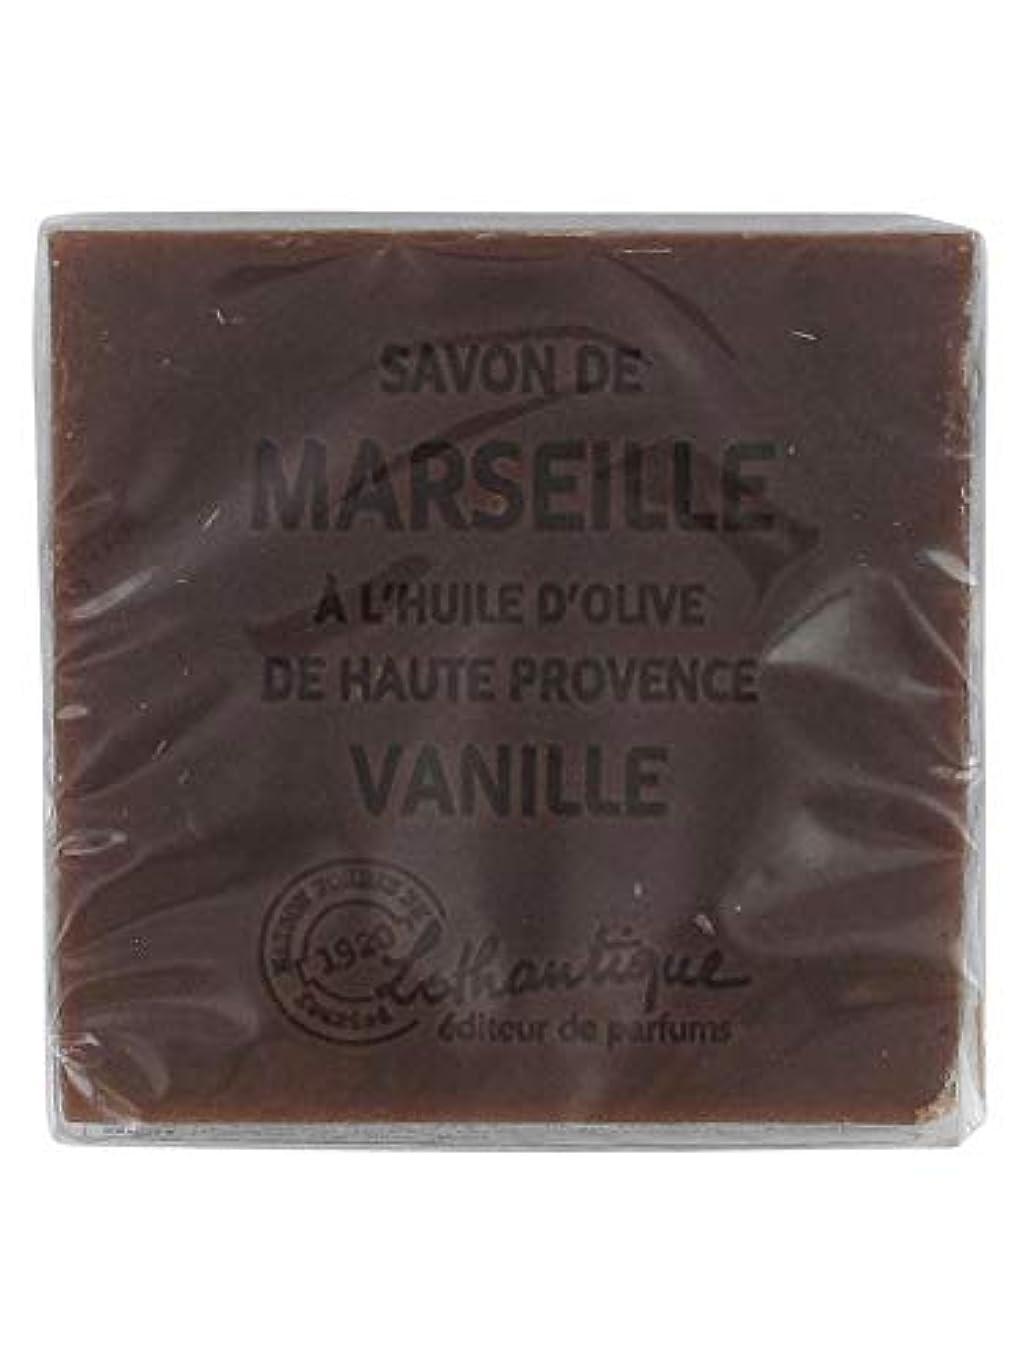 派手コンチネンタル信頼性Lothantique(ロタンティック) Les savons de Marseille(マルセイユソープ) マルセイユソープ 100g 「バニラ」 3420070038005